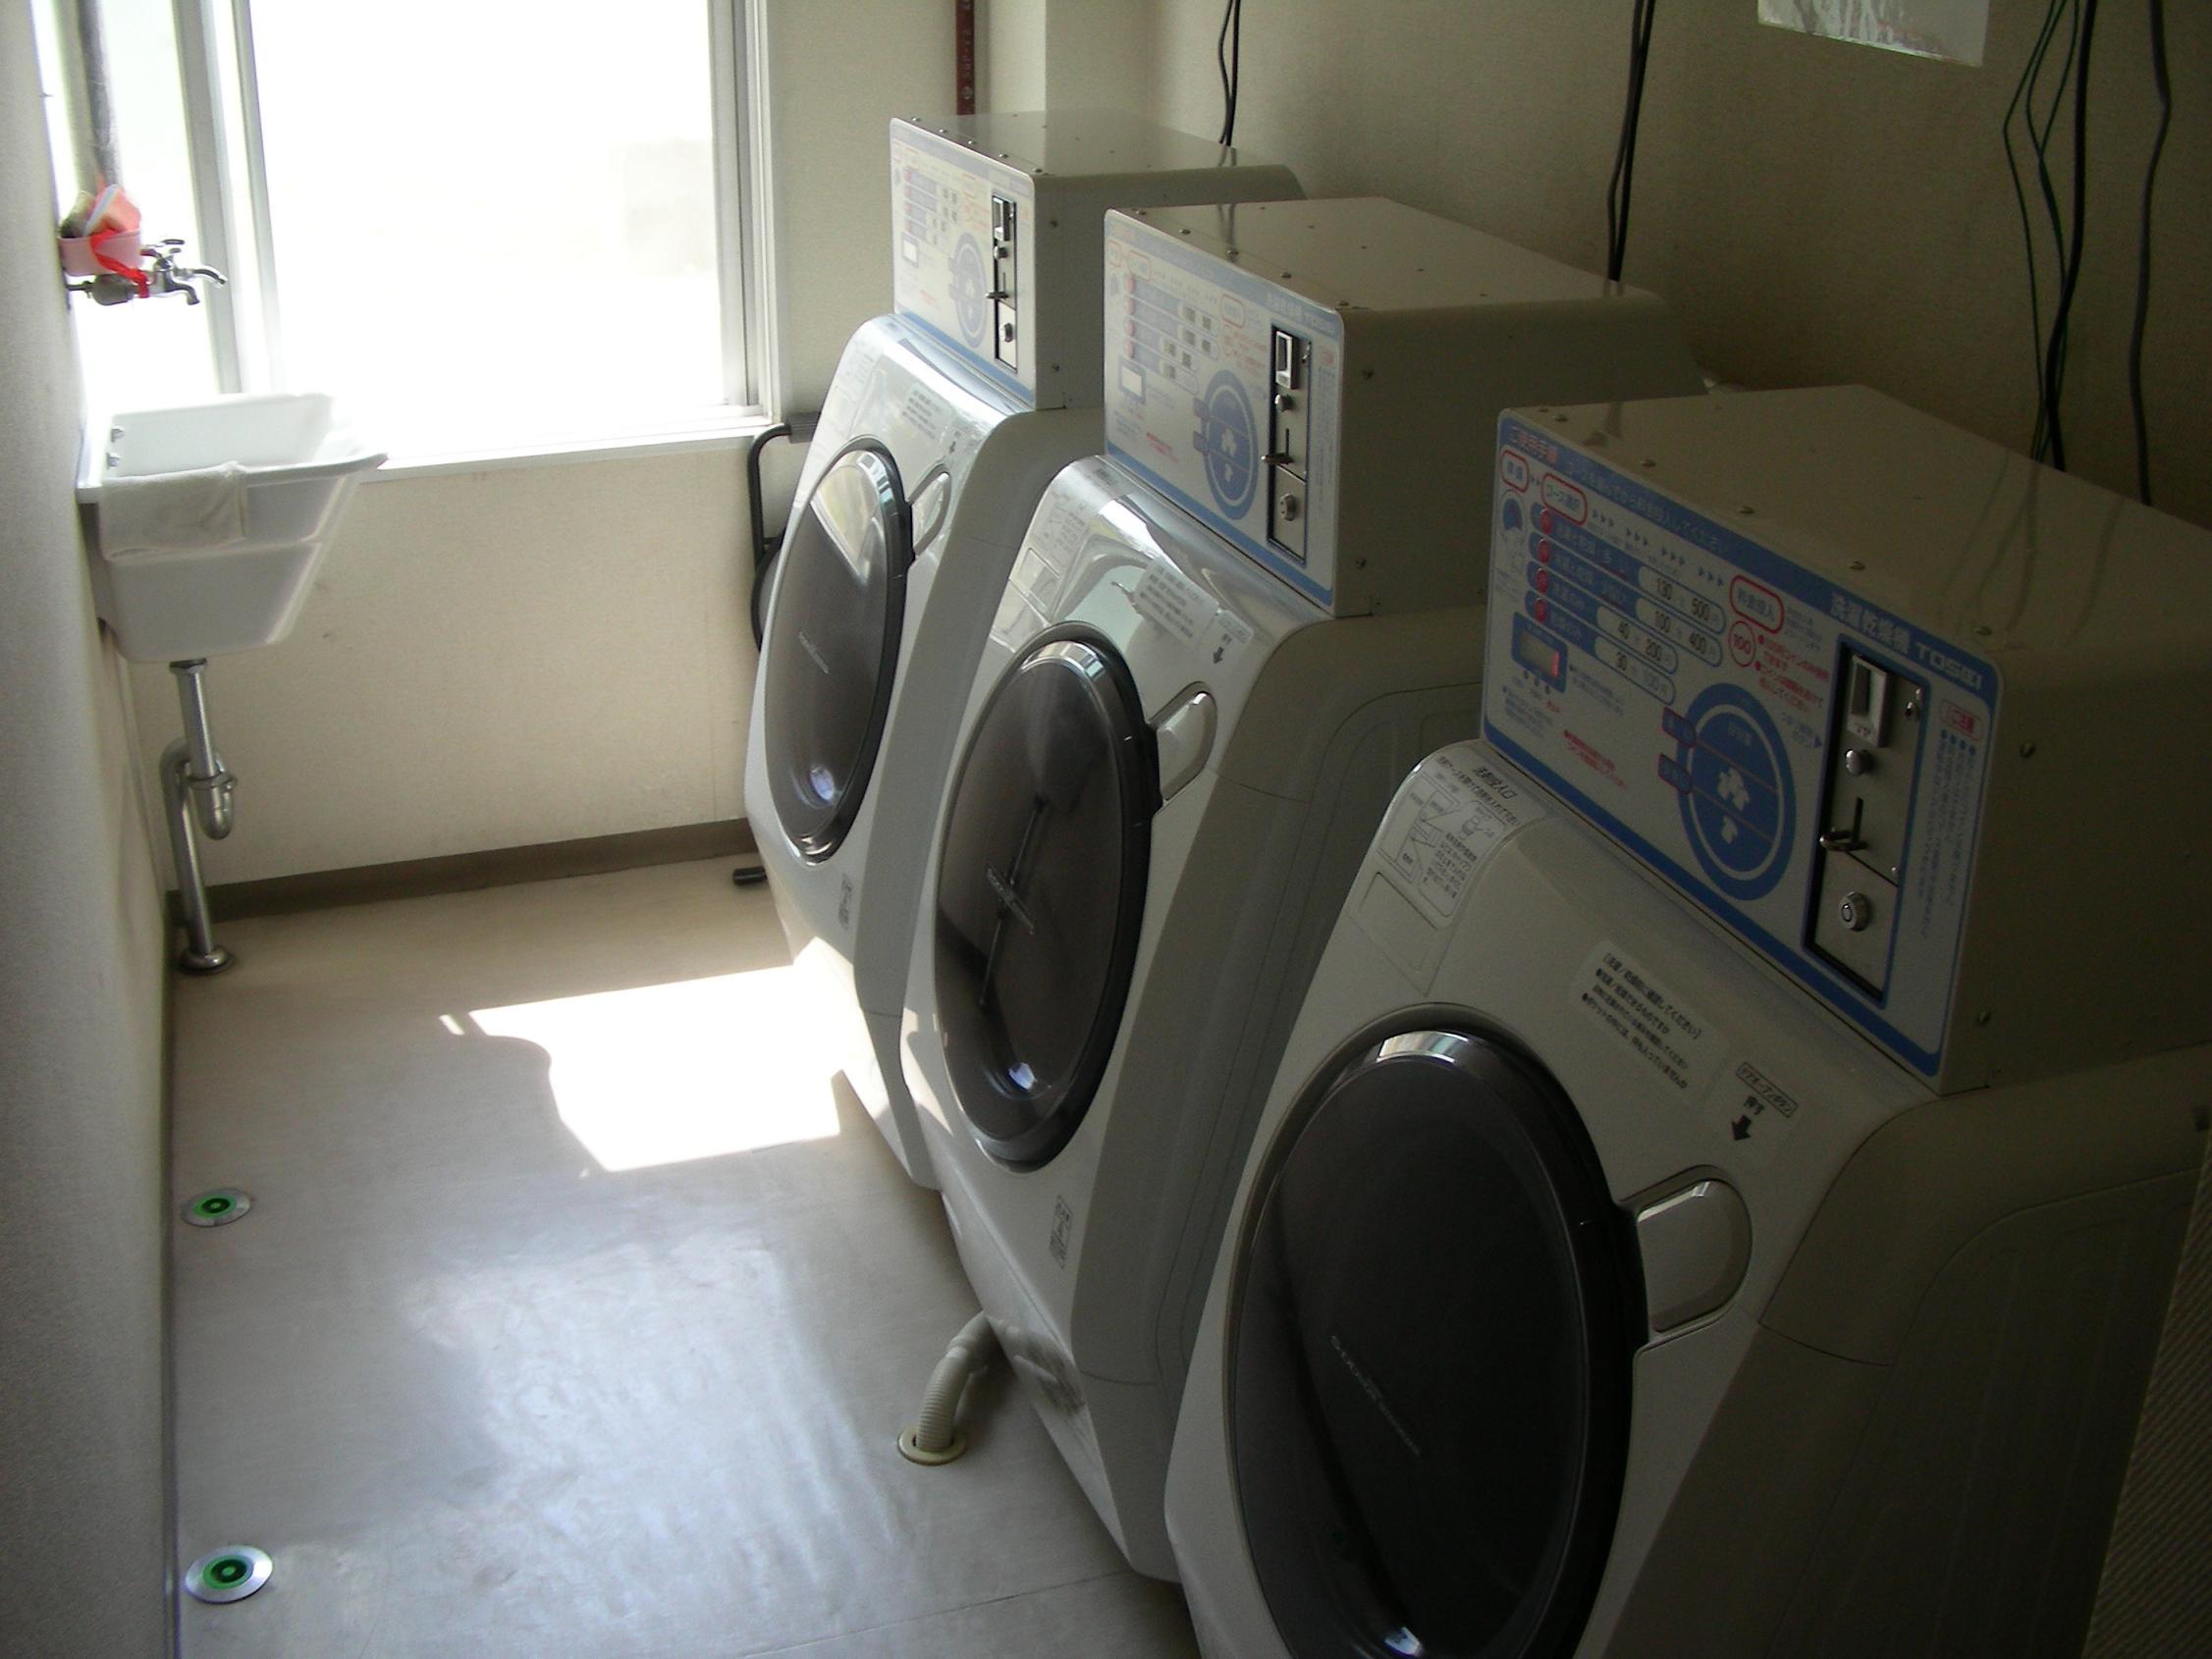 комната для стирки в Японии